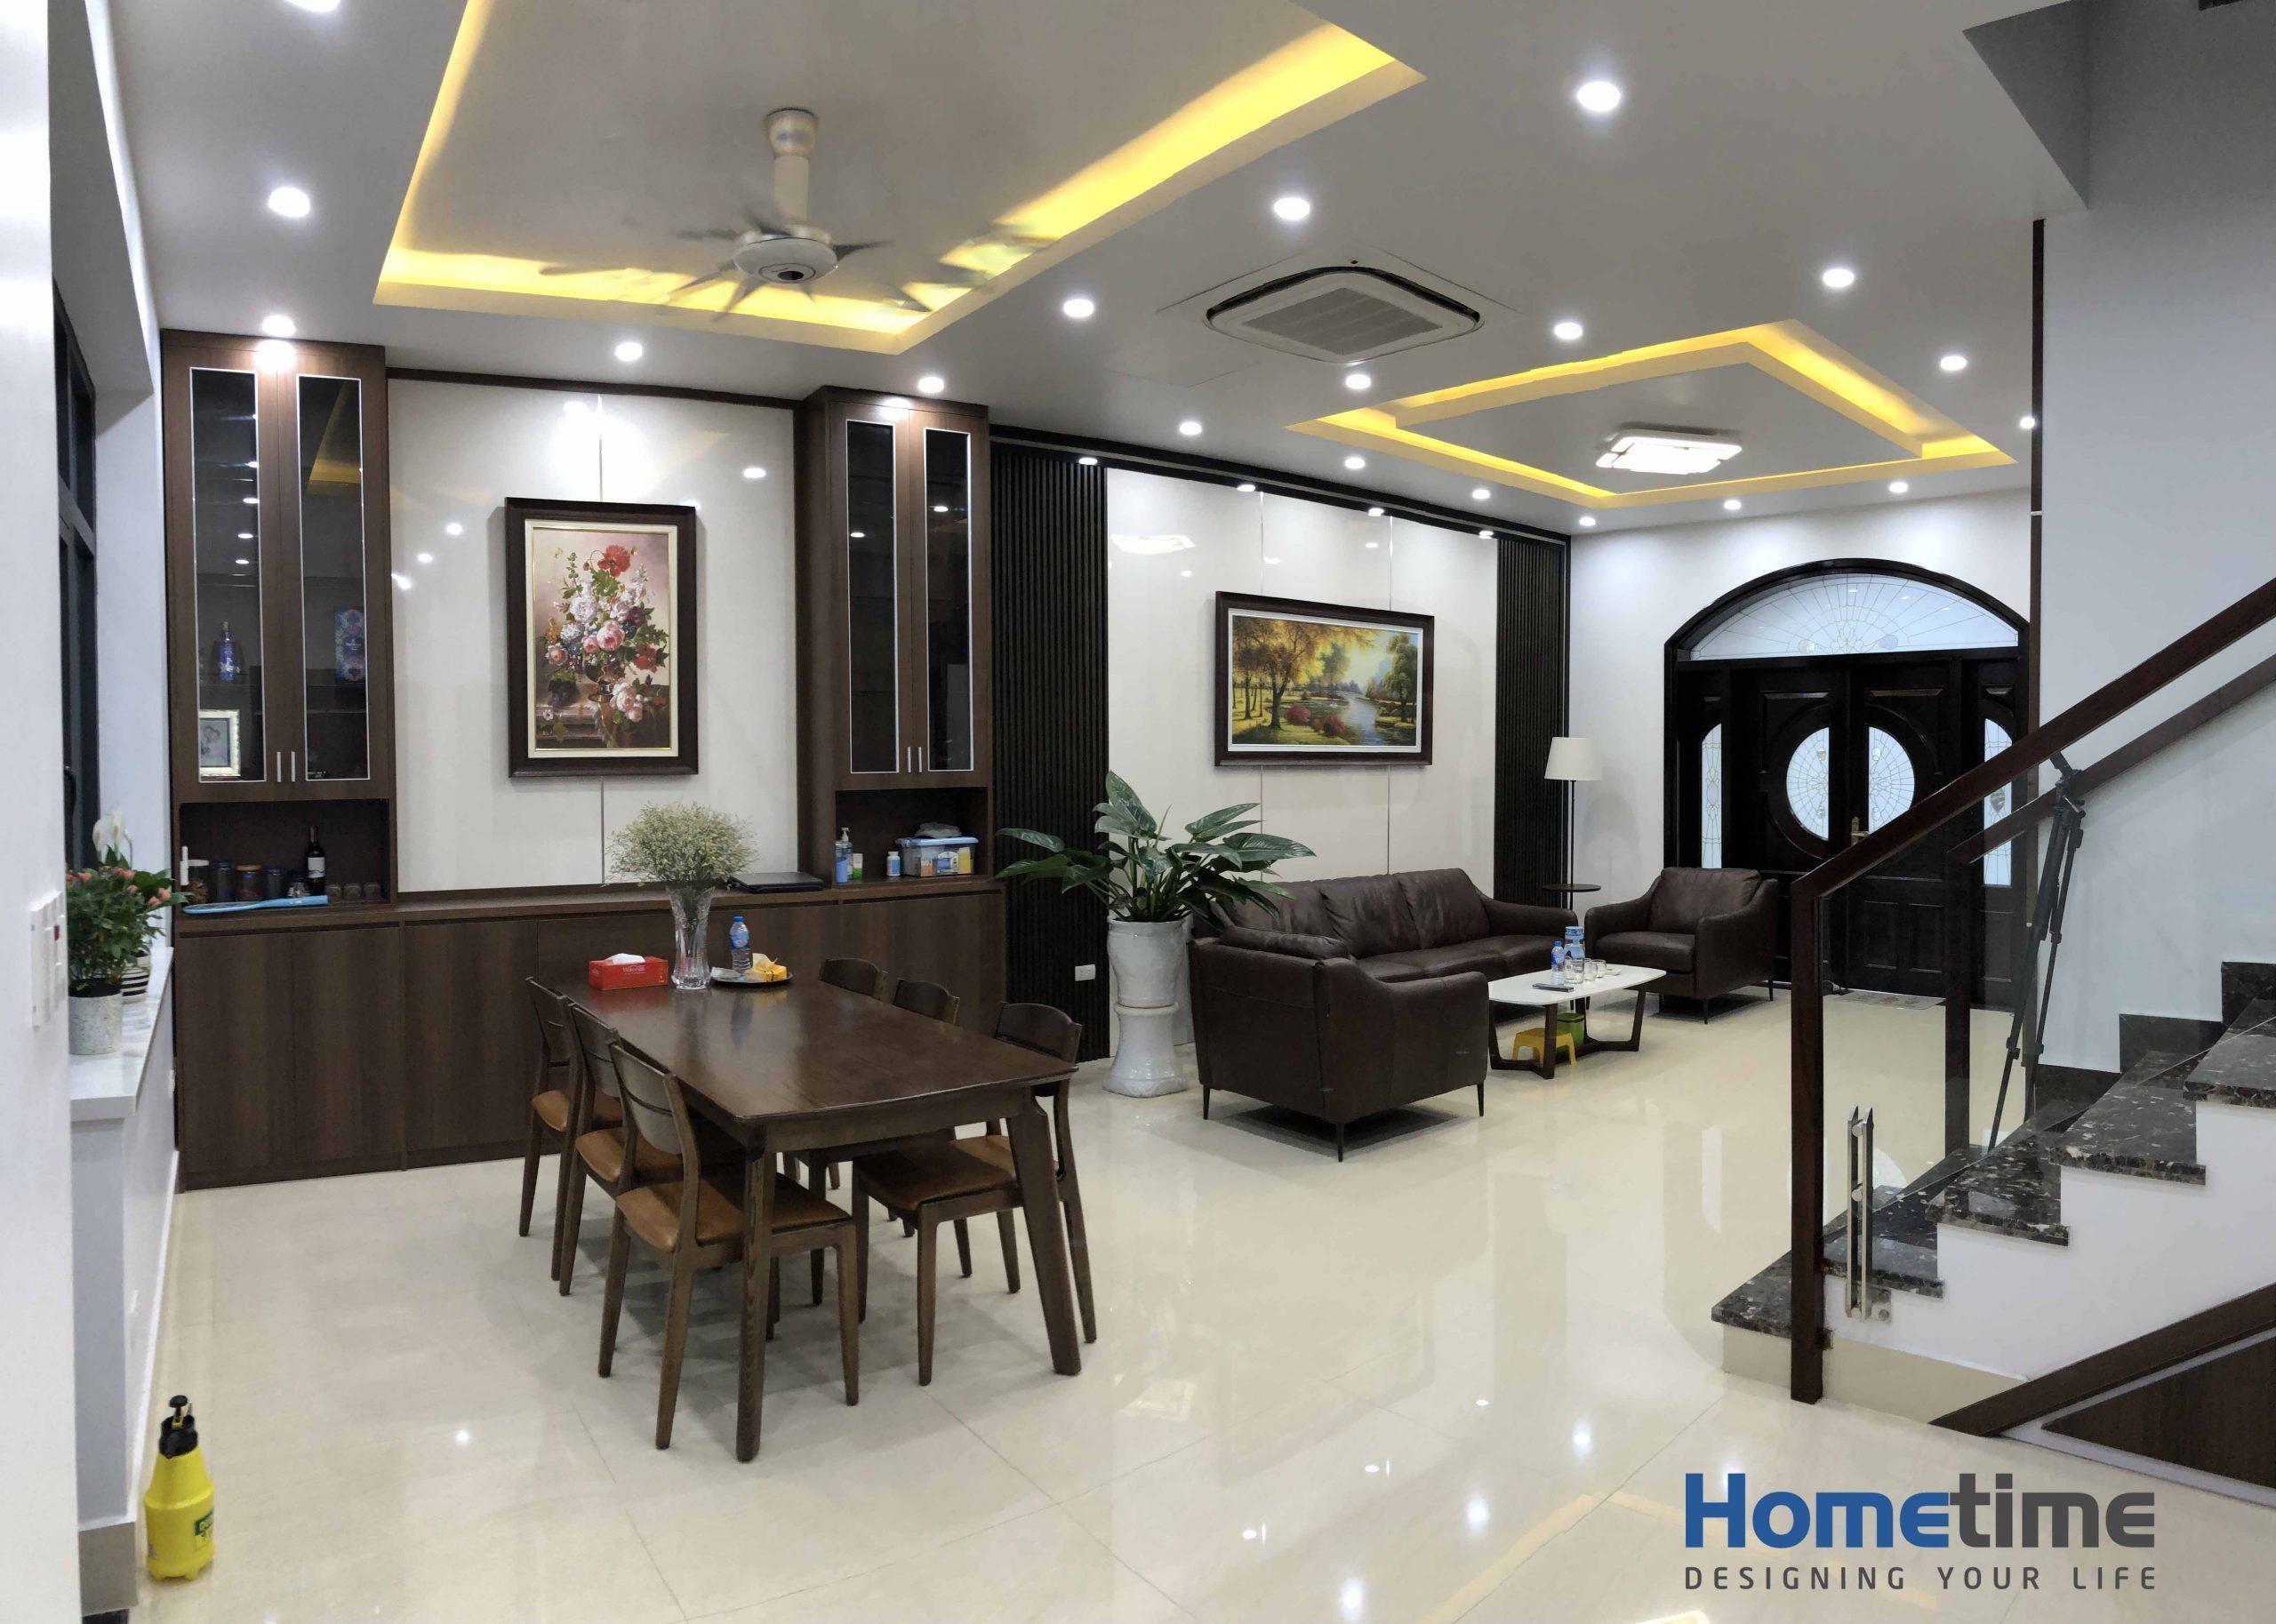 Thiết kế nội thất có sự giao thoa giữa hai căn phòng